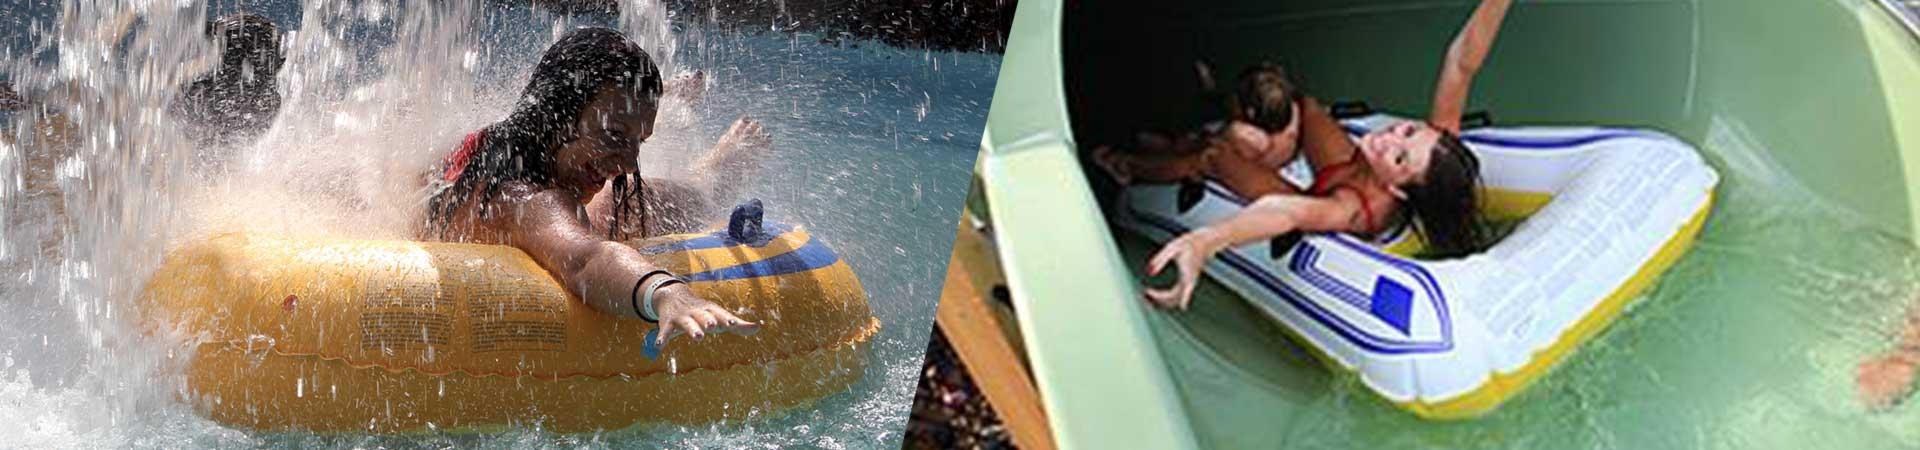 Slitte acquatiche per parchi acquatici